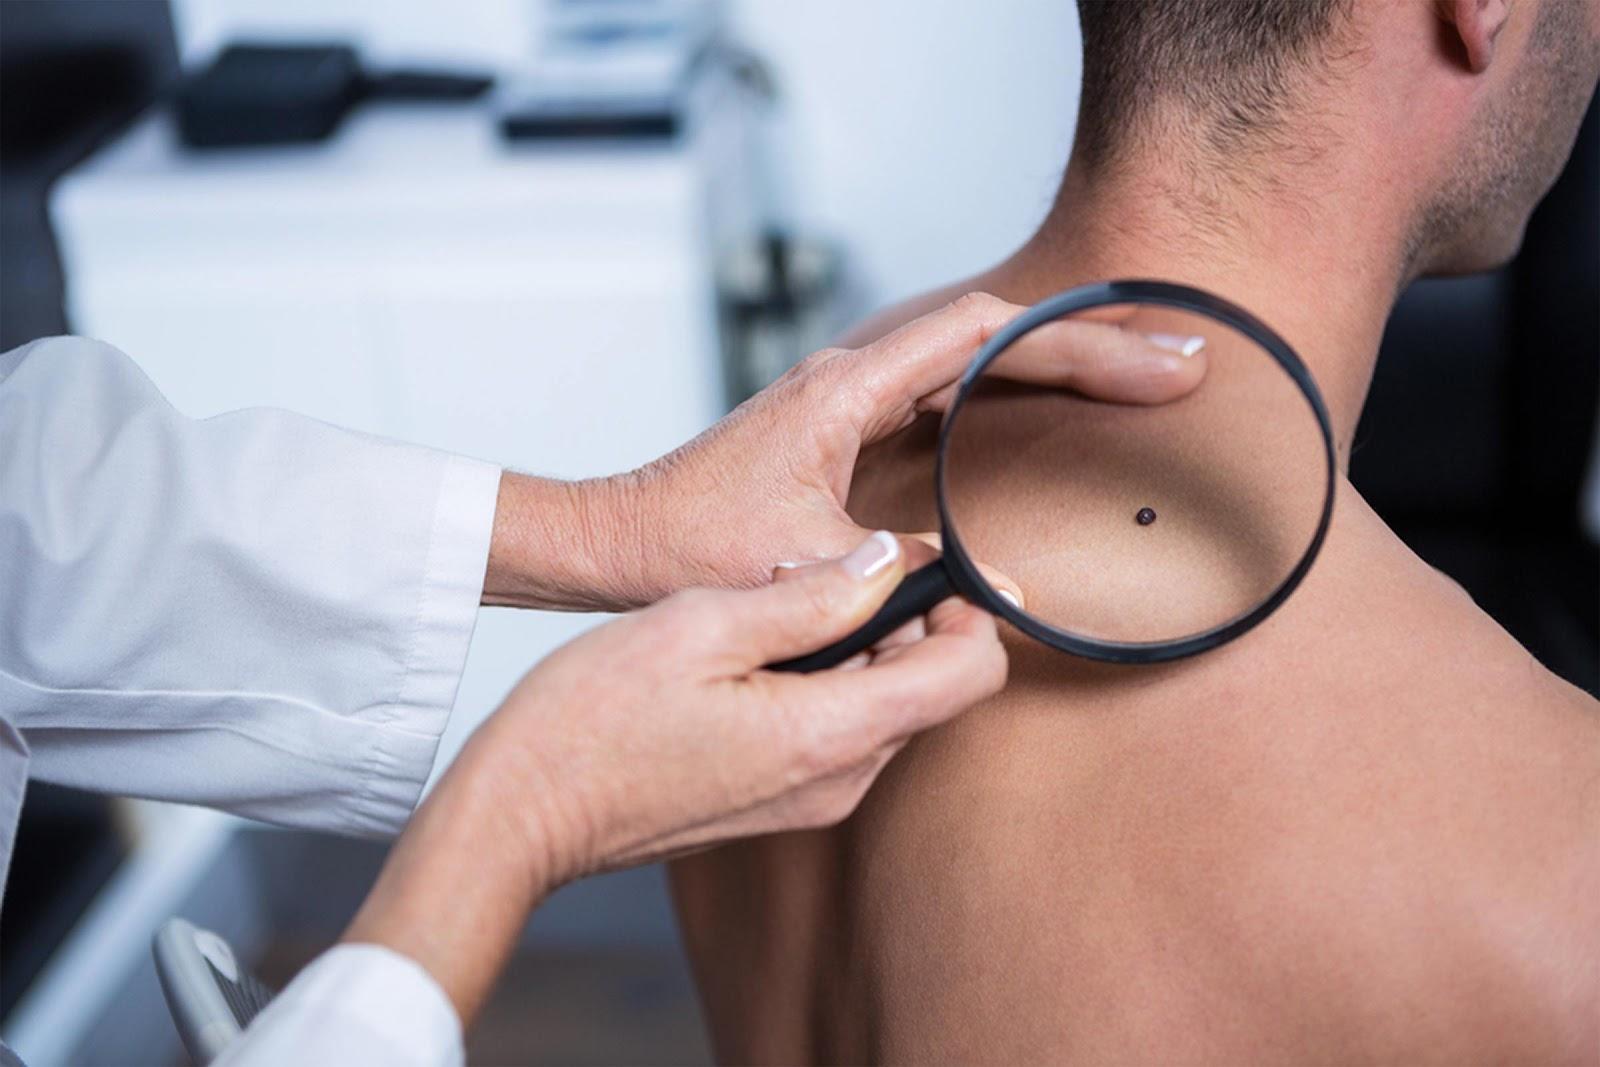 اسباب حكة الراس والرقبه - سرطان الجلد